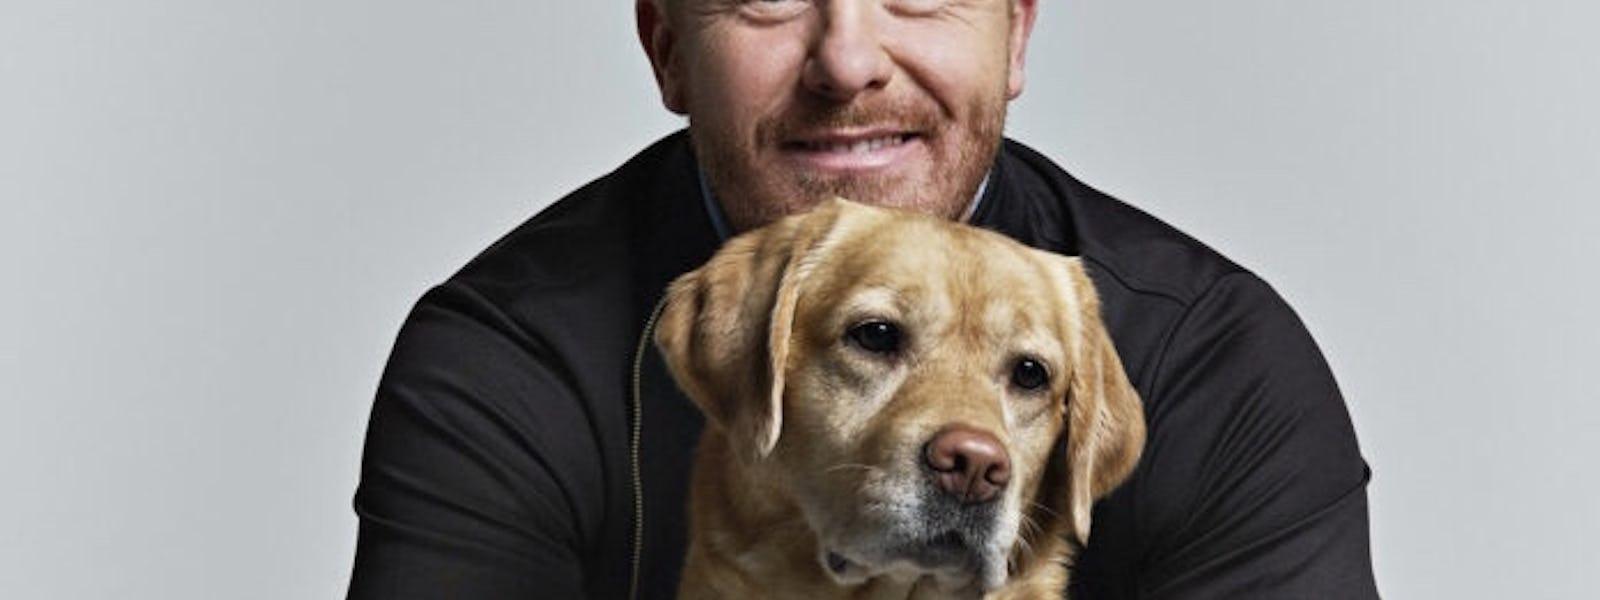 Bild - Hundcoachen Fredrik Steen